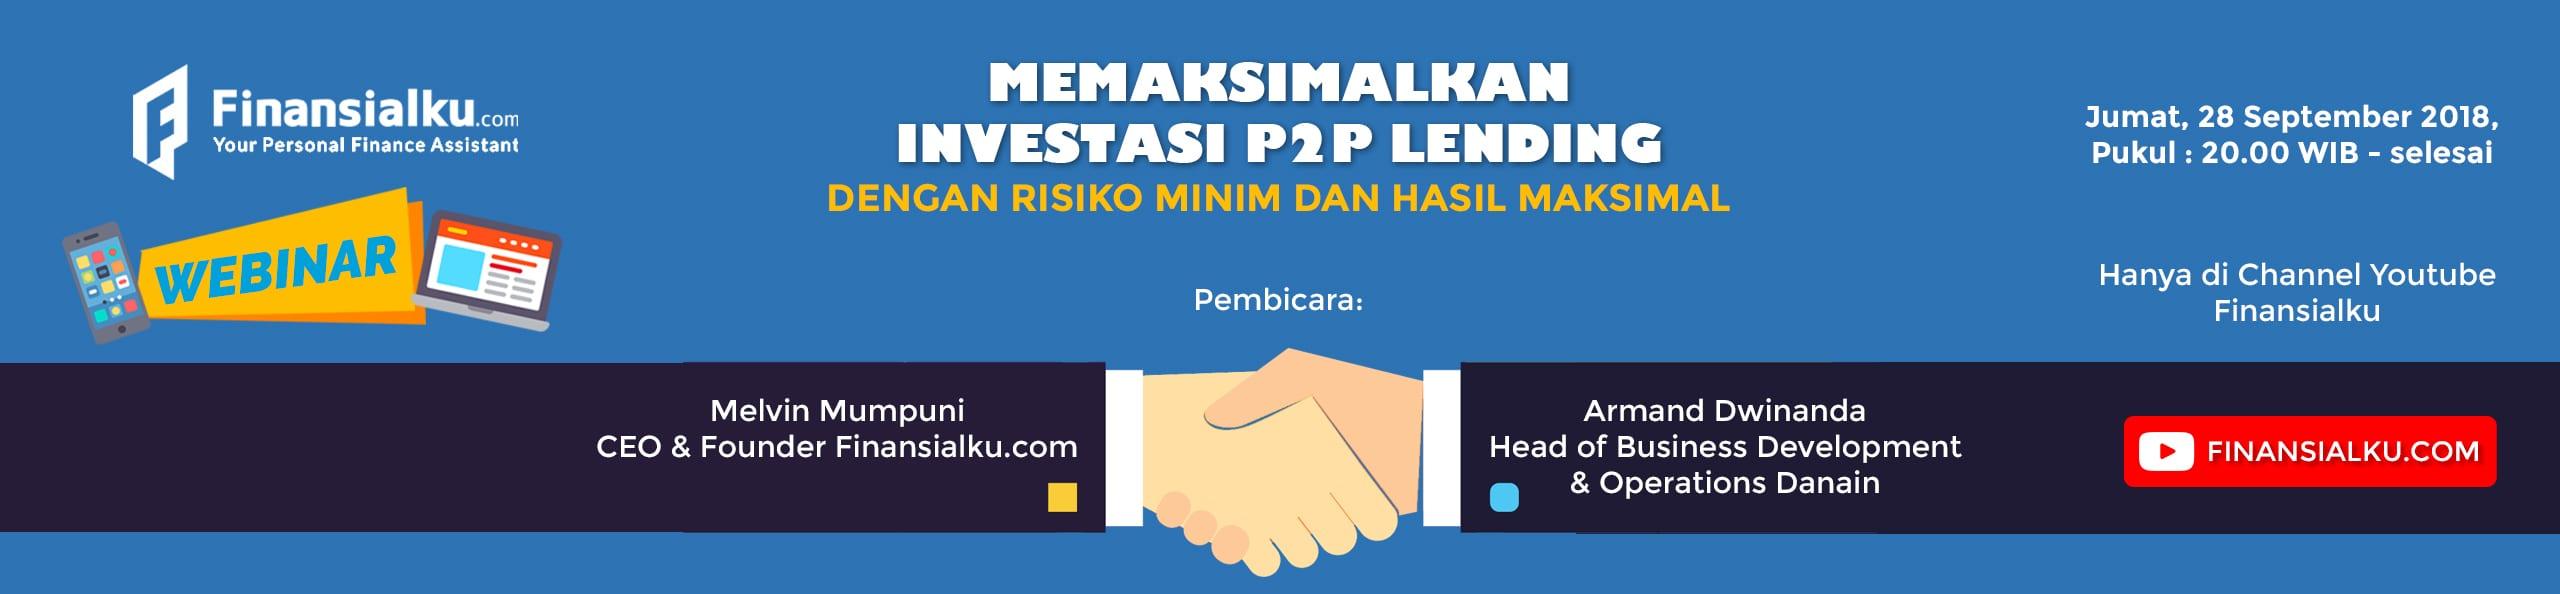 Webinar Memaksimalkan Investasi P2P Lending Dengan Resiko Minim Dan Hasil Maksimal (2)